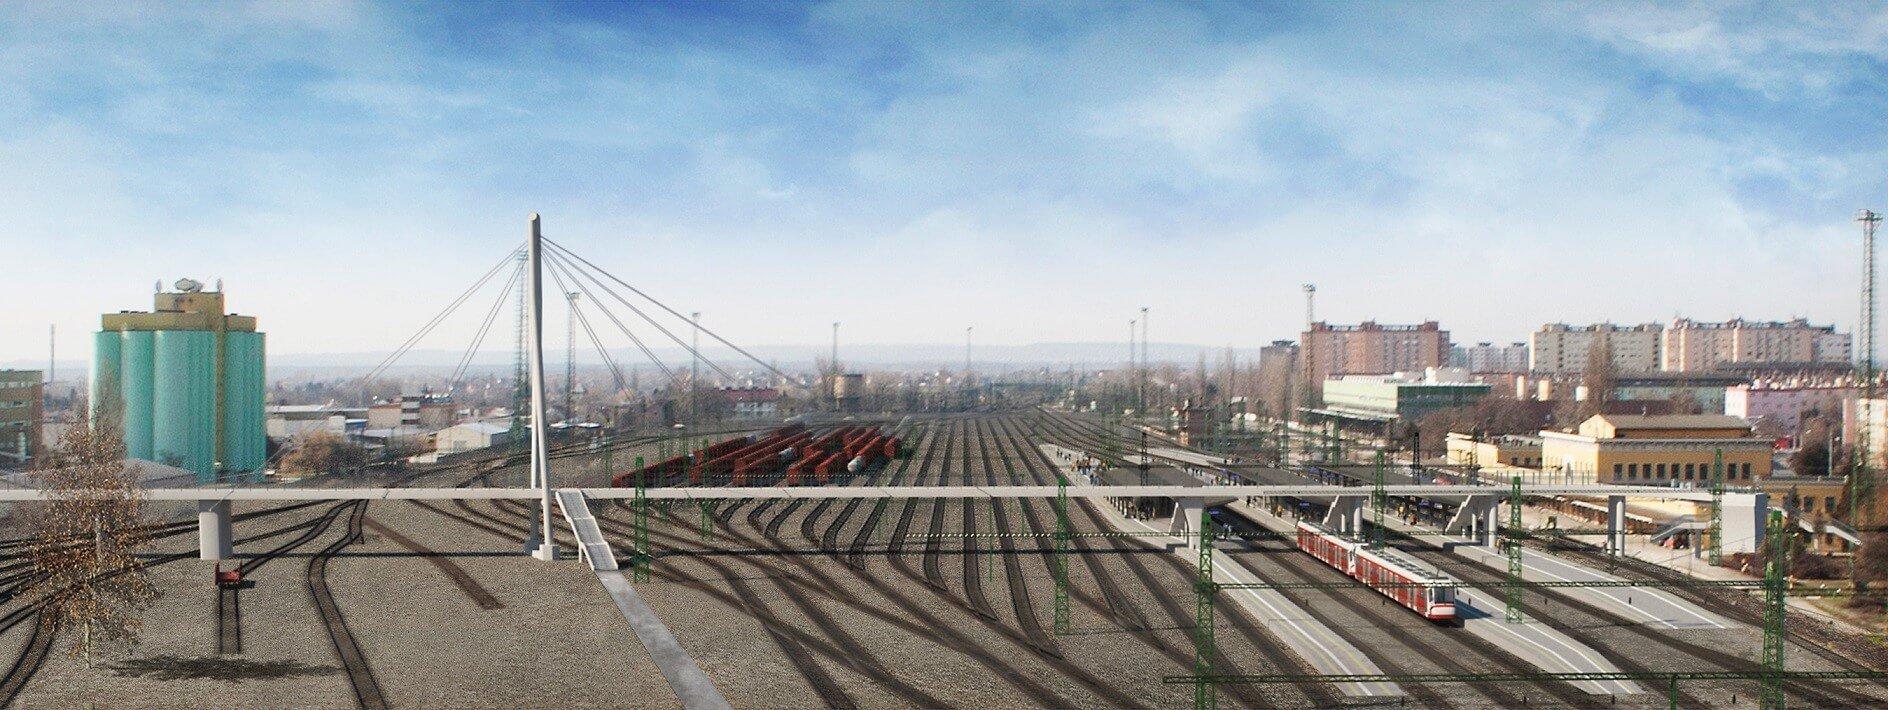 9 milliárd forintból fejlődhet Közép-Magyarország vasútvonala